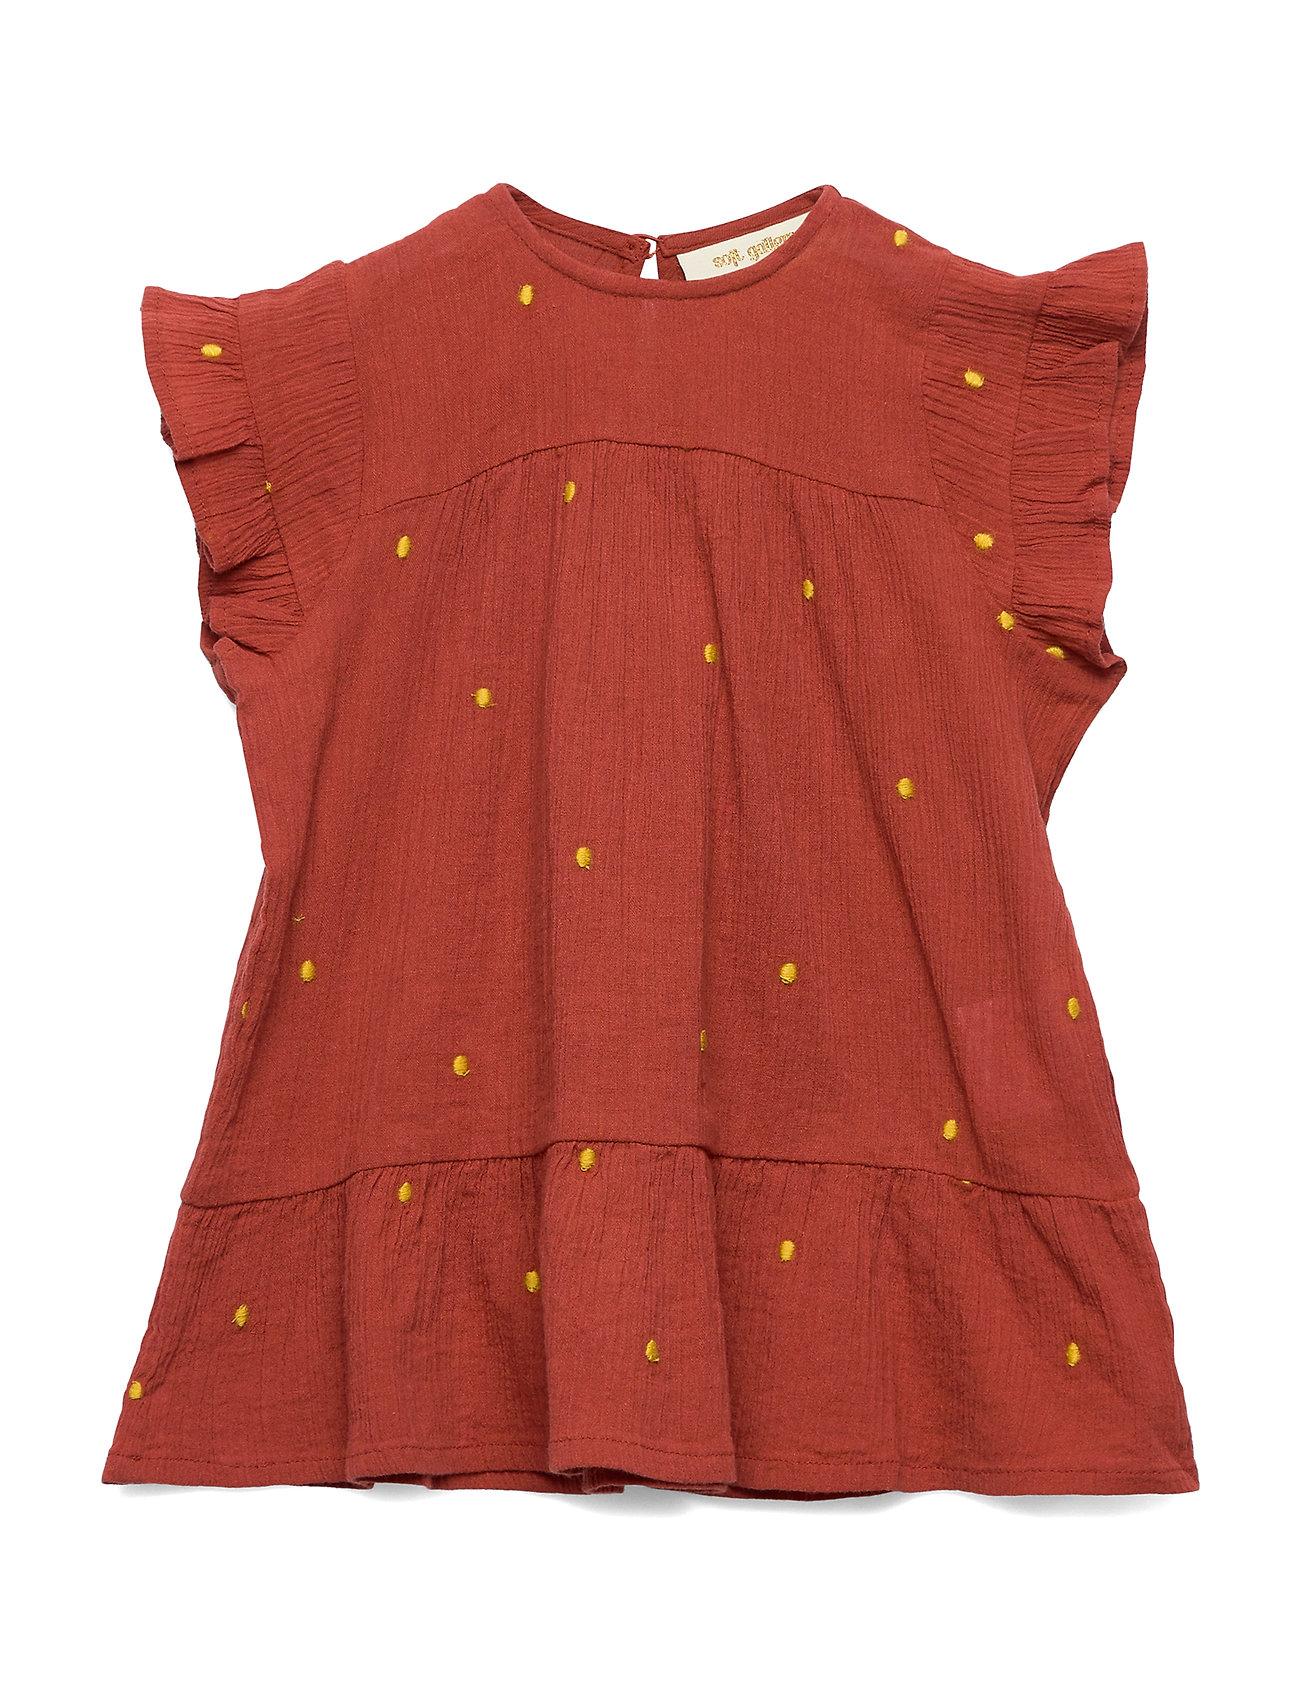 Soft Gallery Fianna Dress - CINNABAR, AOP DOTTY EMB